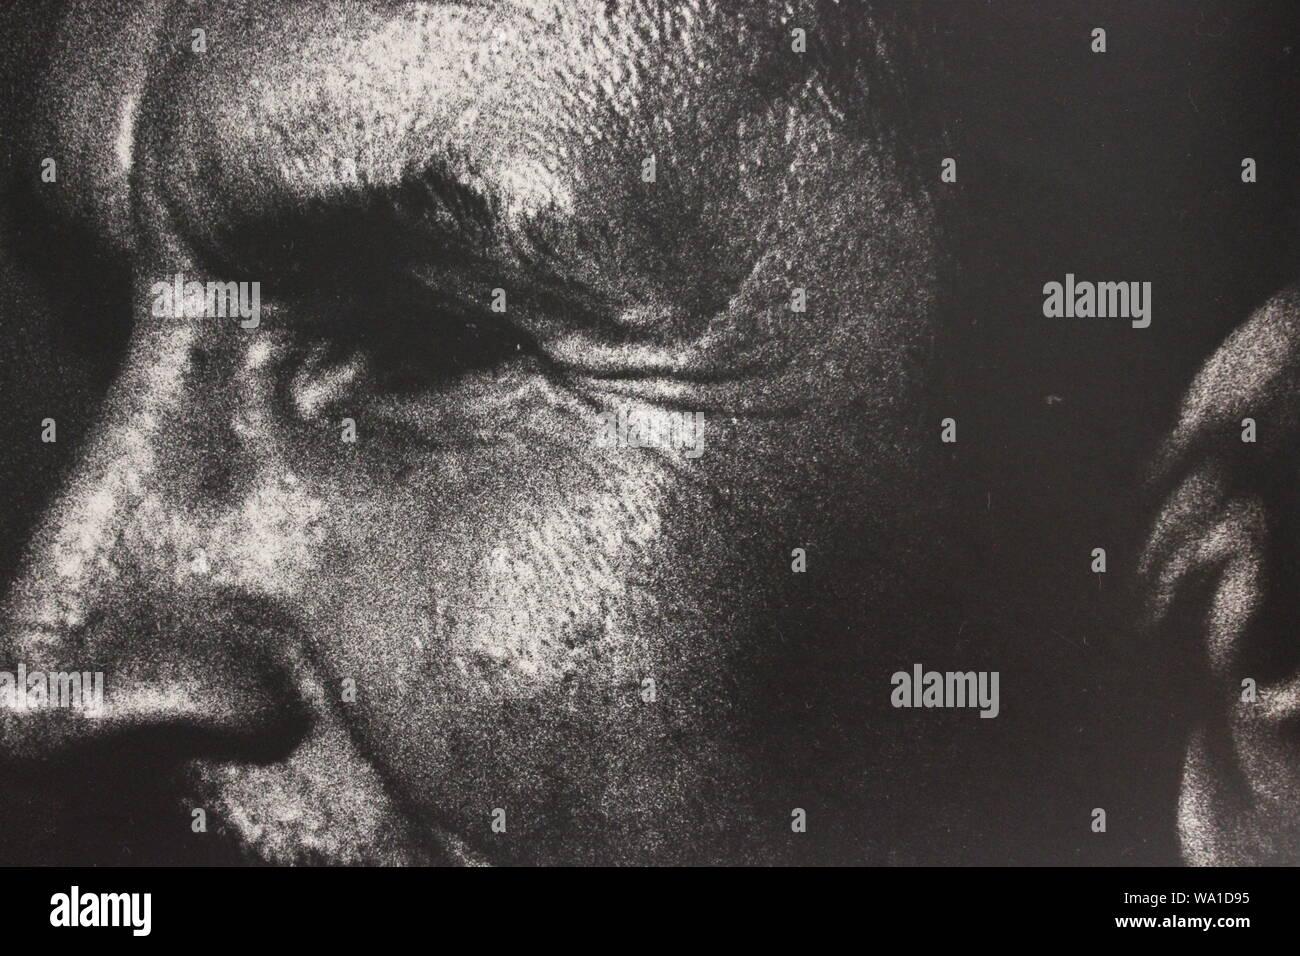 Noir et blanc Fine art Photography à partir des années 1970 d'un homme soupçonneux de ce qu'il voit. Banque D'Images